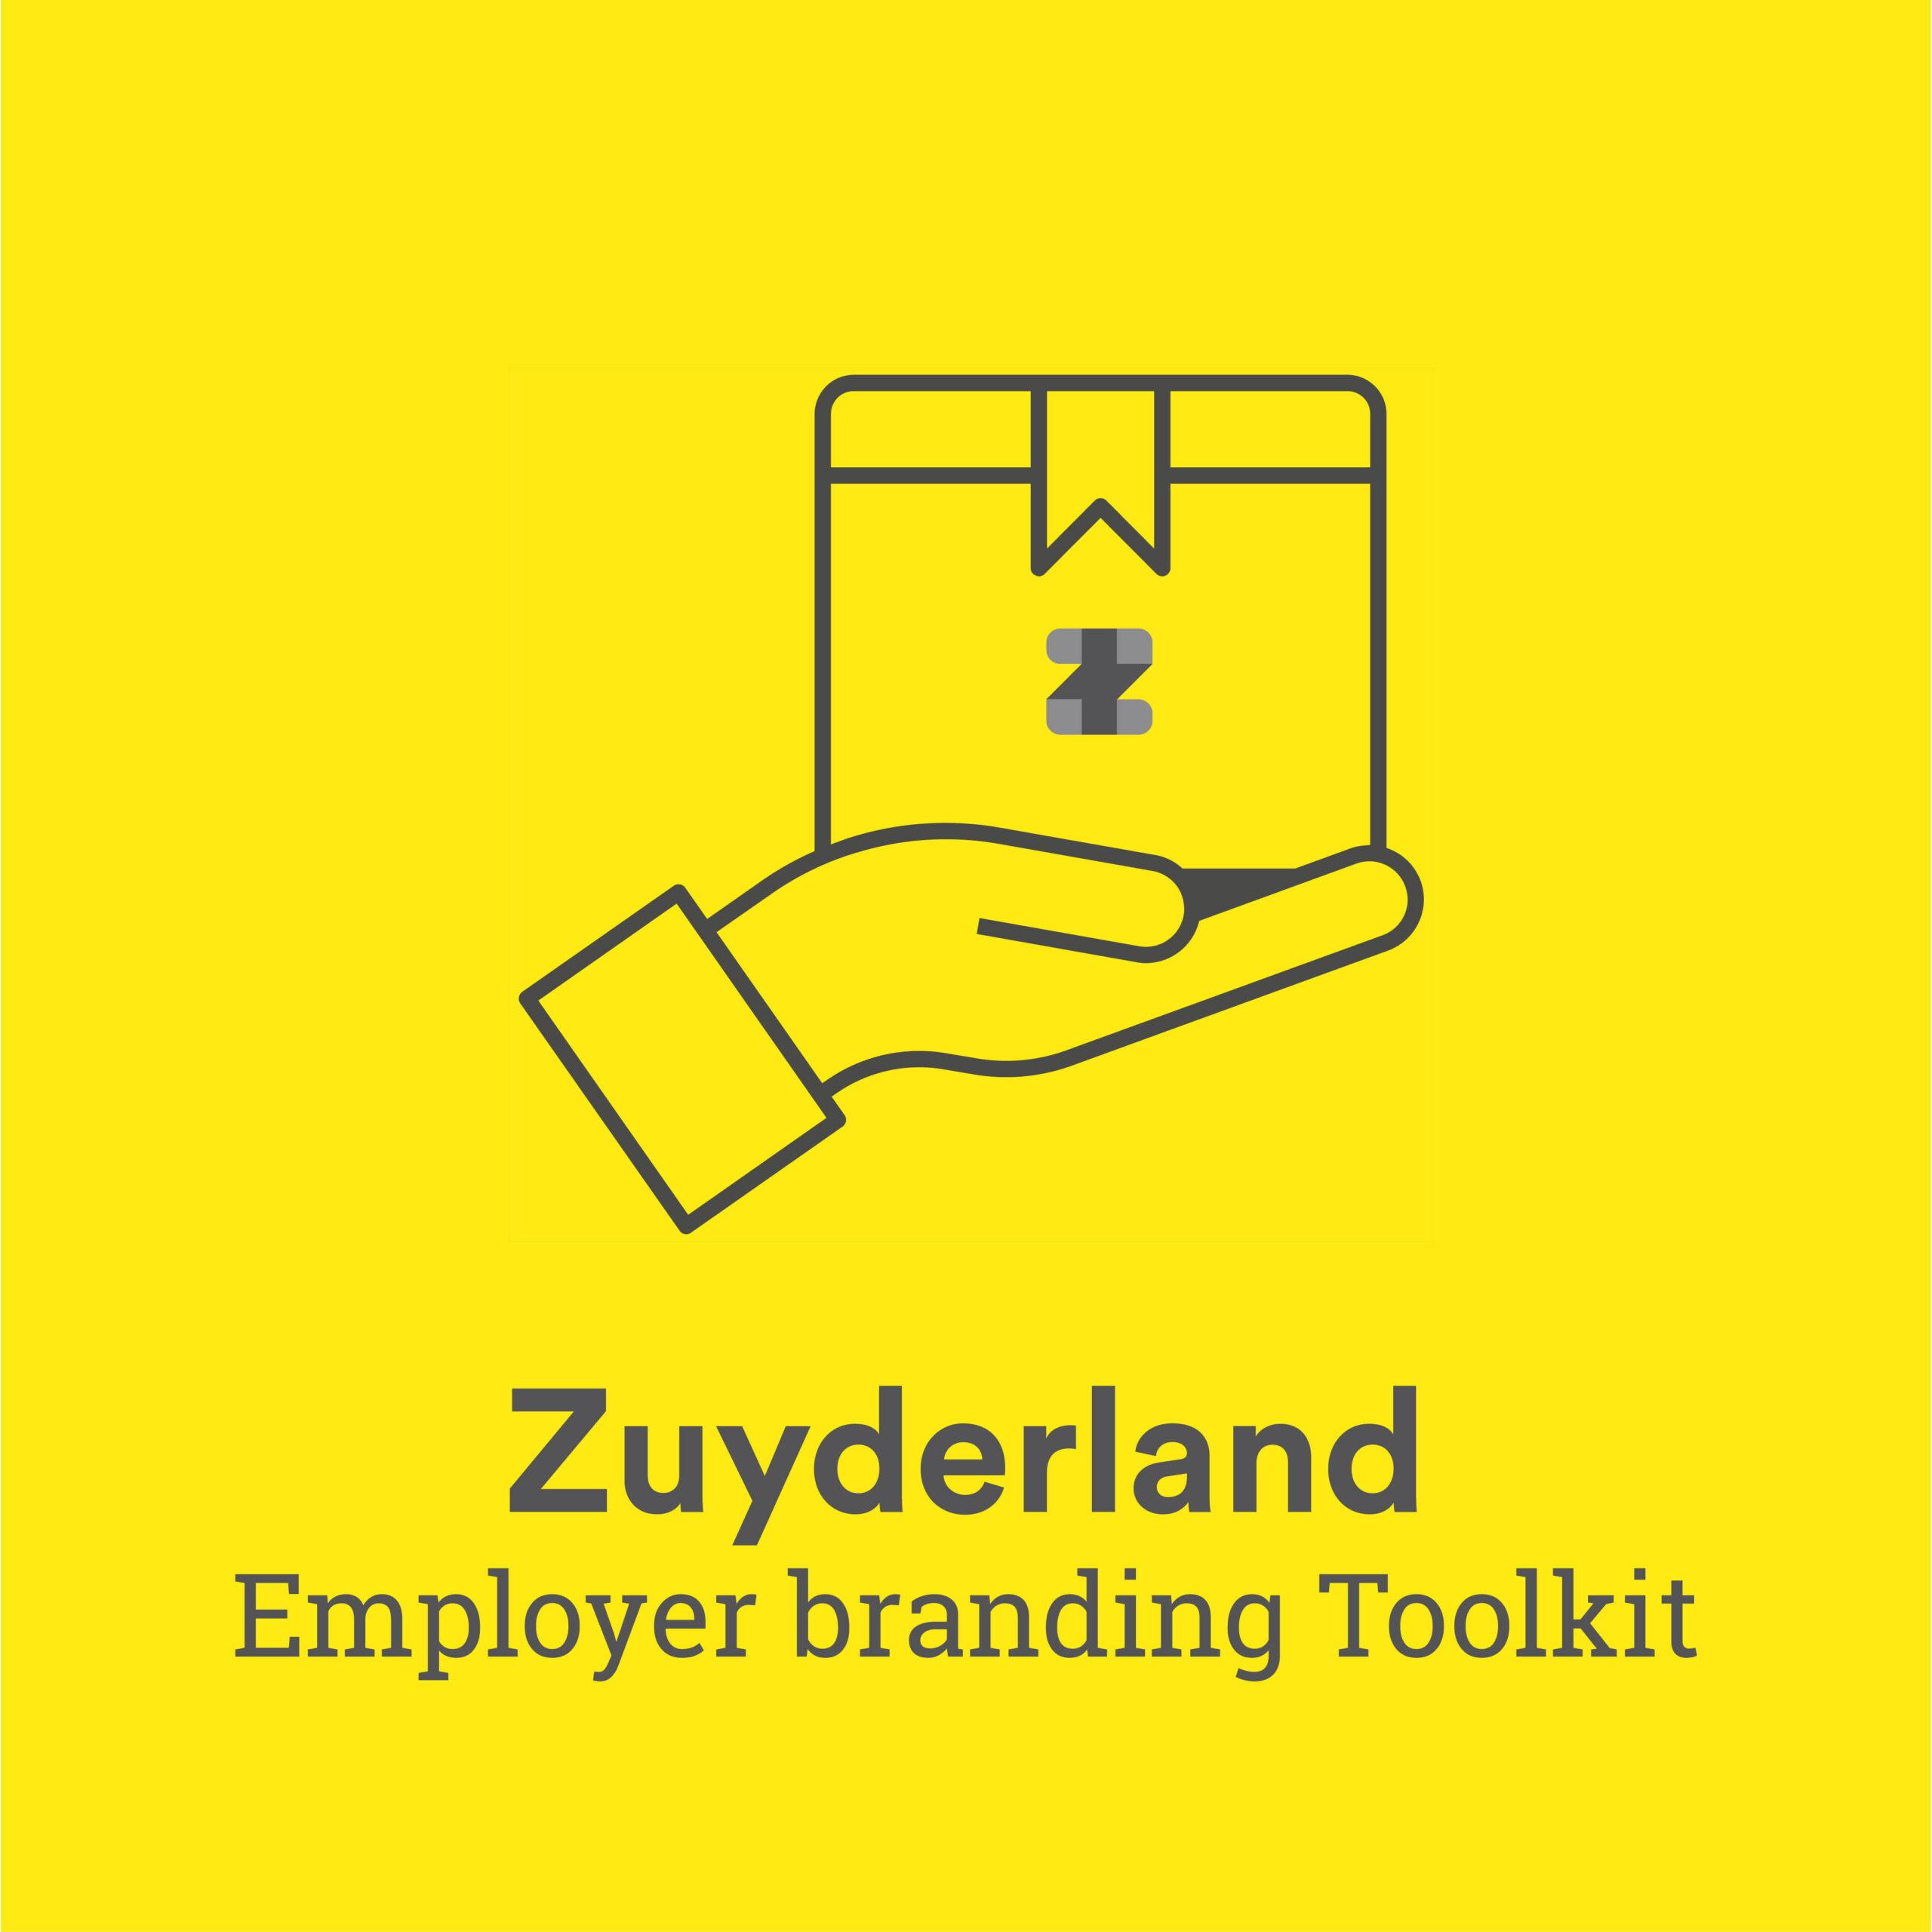 Zuyderland Toolkit